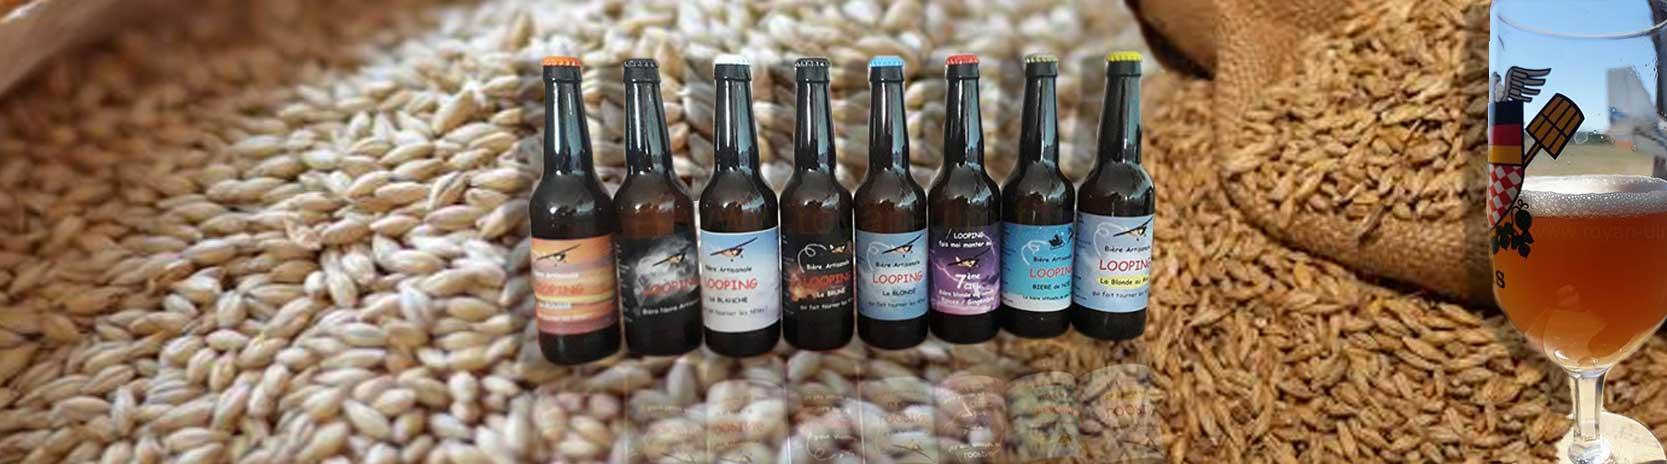 fabriquez votre biere ulm airocéan ATELIER-DU-BRASSEUR-ULM-ROYAN-AIROCEAN-17MEDIA